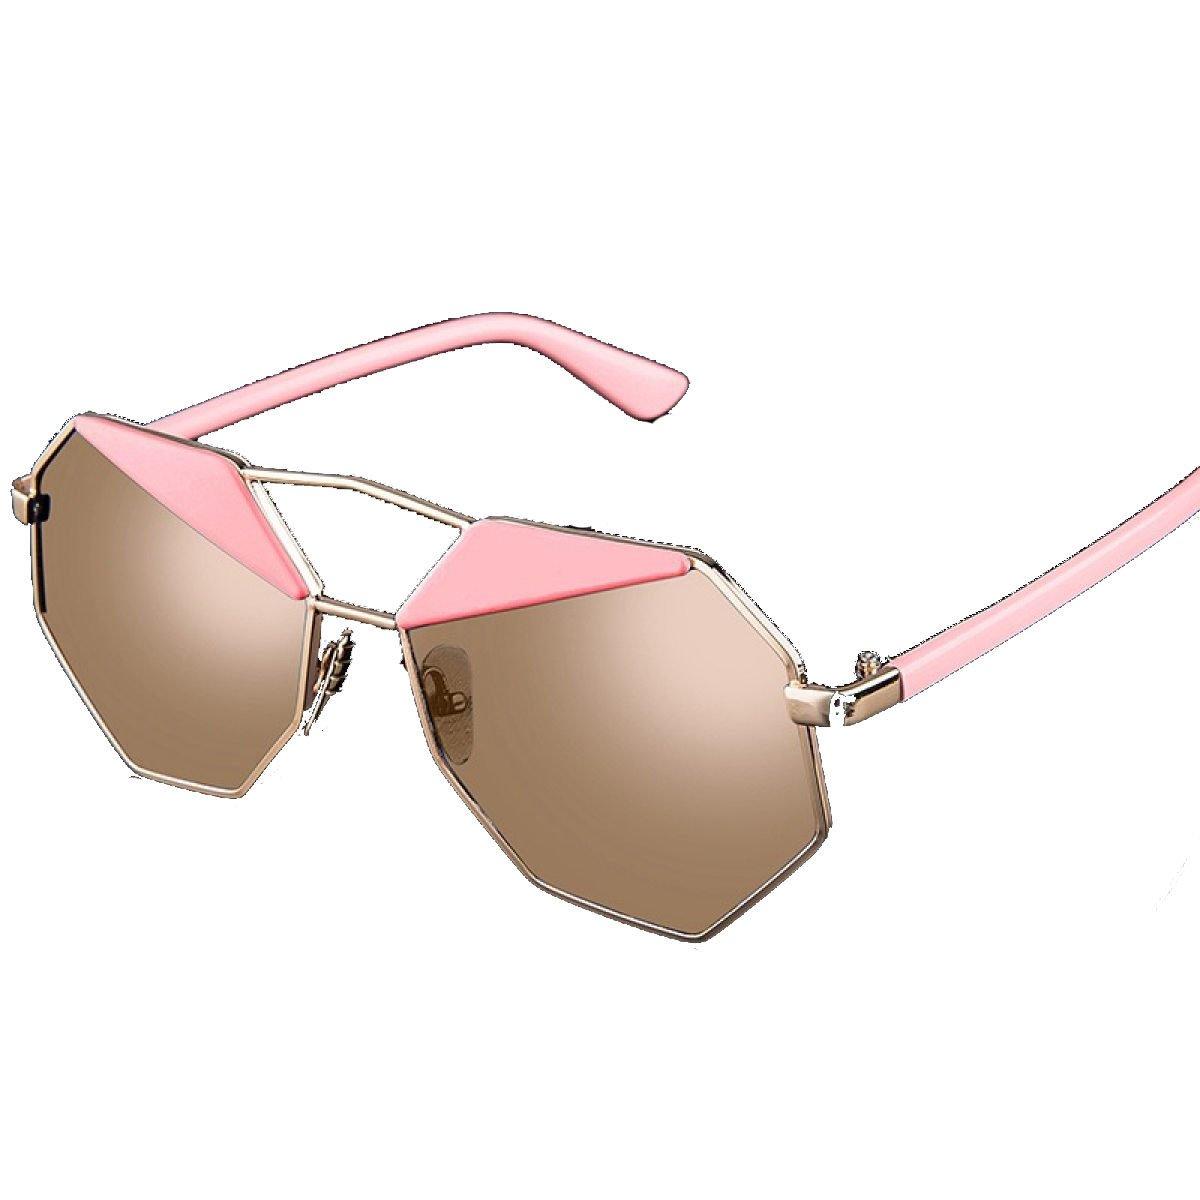 Reisen / Zubehör / Sonnenbrillen / Mode / Persönlichkeit / Polygon / Frau Brille,Pink-OneSize